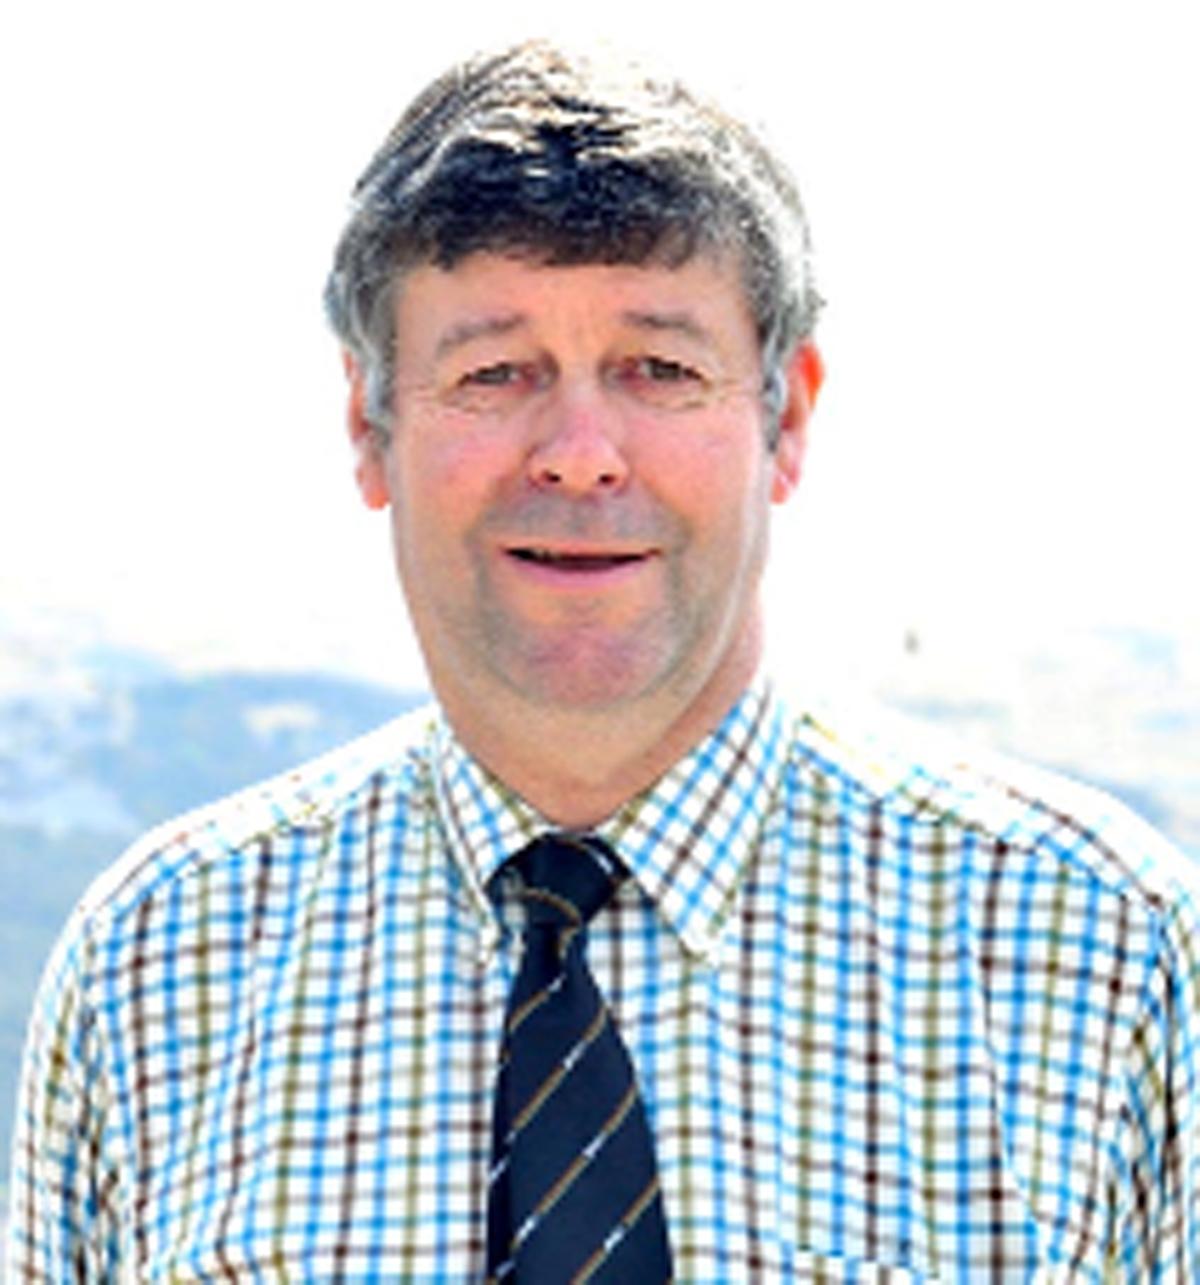 John Geldard - 2787411